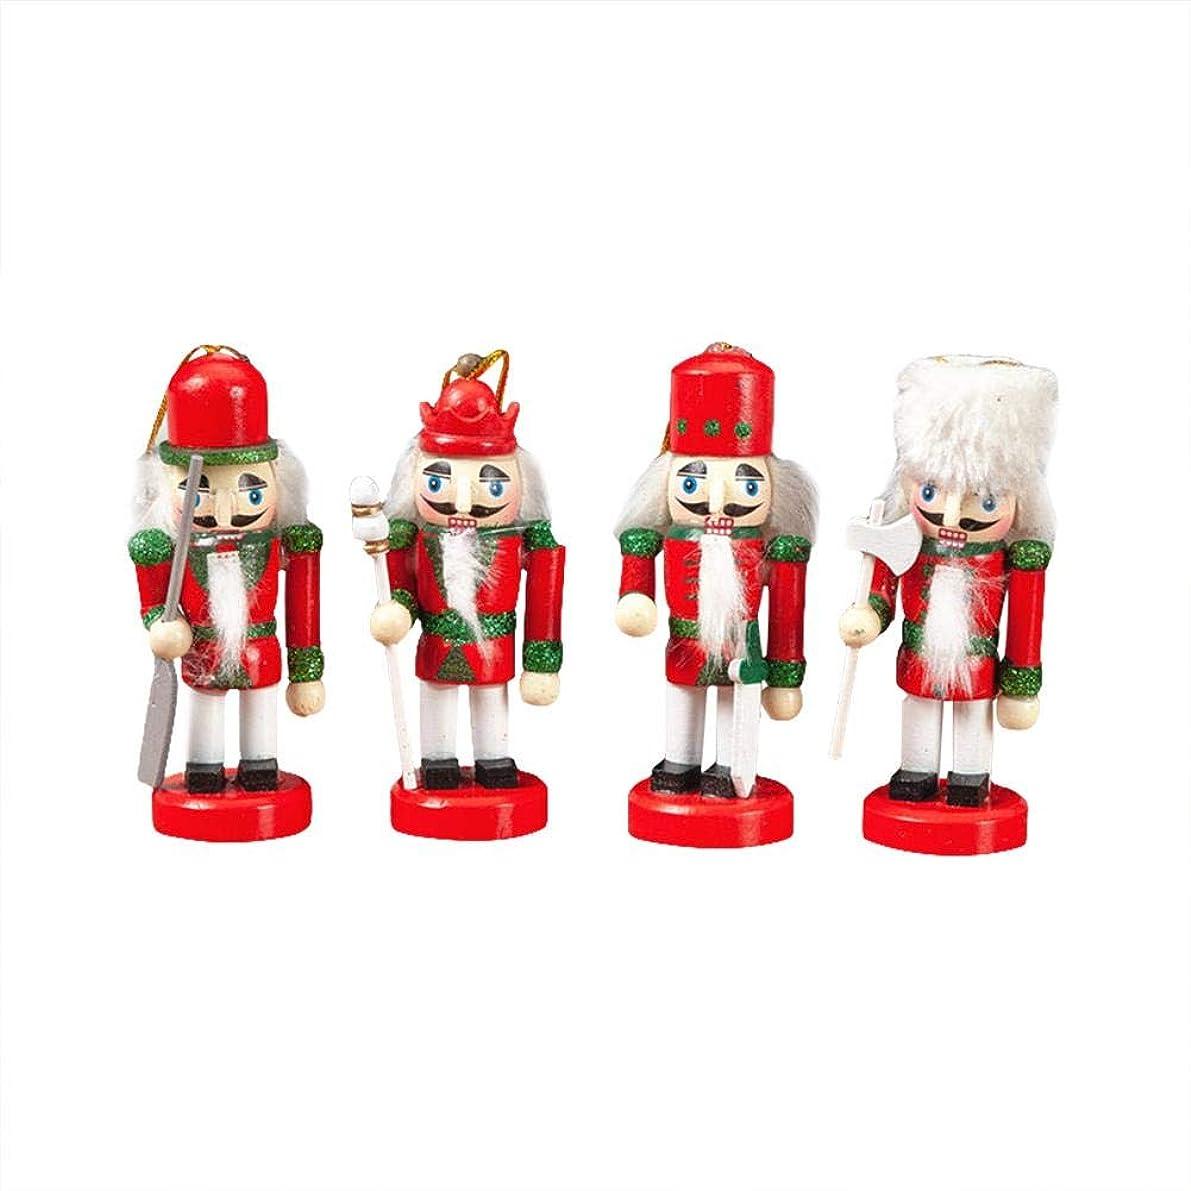 五月常習者チューブクリスマスギフトデコレーション10センチ4伝統的な人形王兵士くるみ割り人形グッズ木製クリスマスくるみ割り人形ペンダントお祝い休日の装飾赤白シリーズ